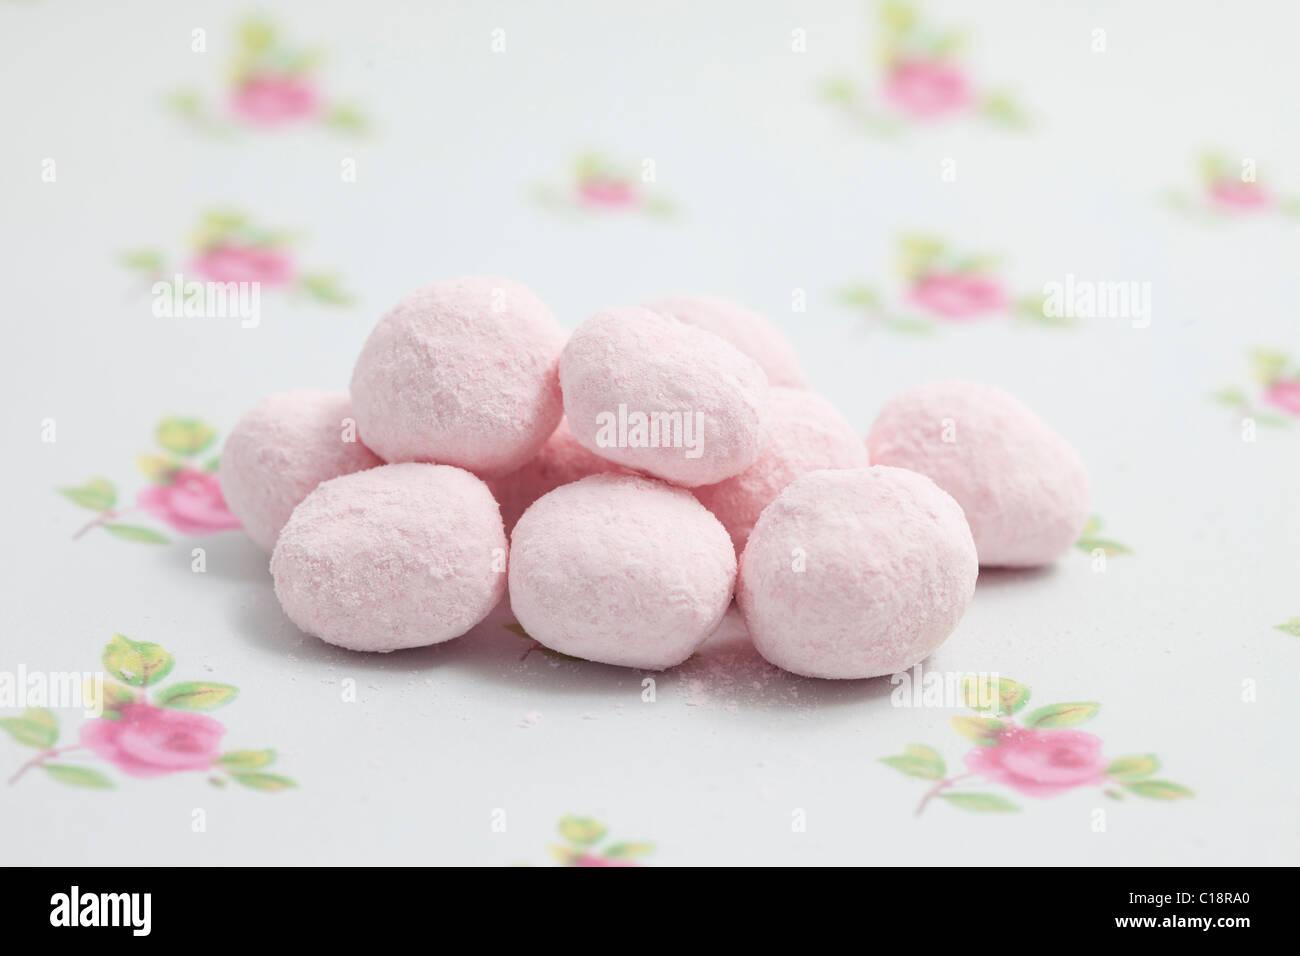 Erdbeer-Bonbons Bonbons und Süßigkeiten auf ein Papierhintergrund fotografiert in einem studio Stockbild